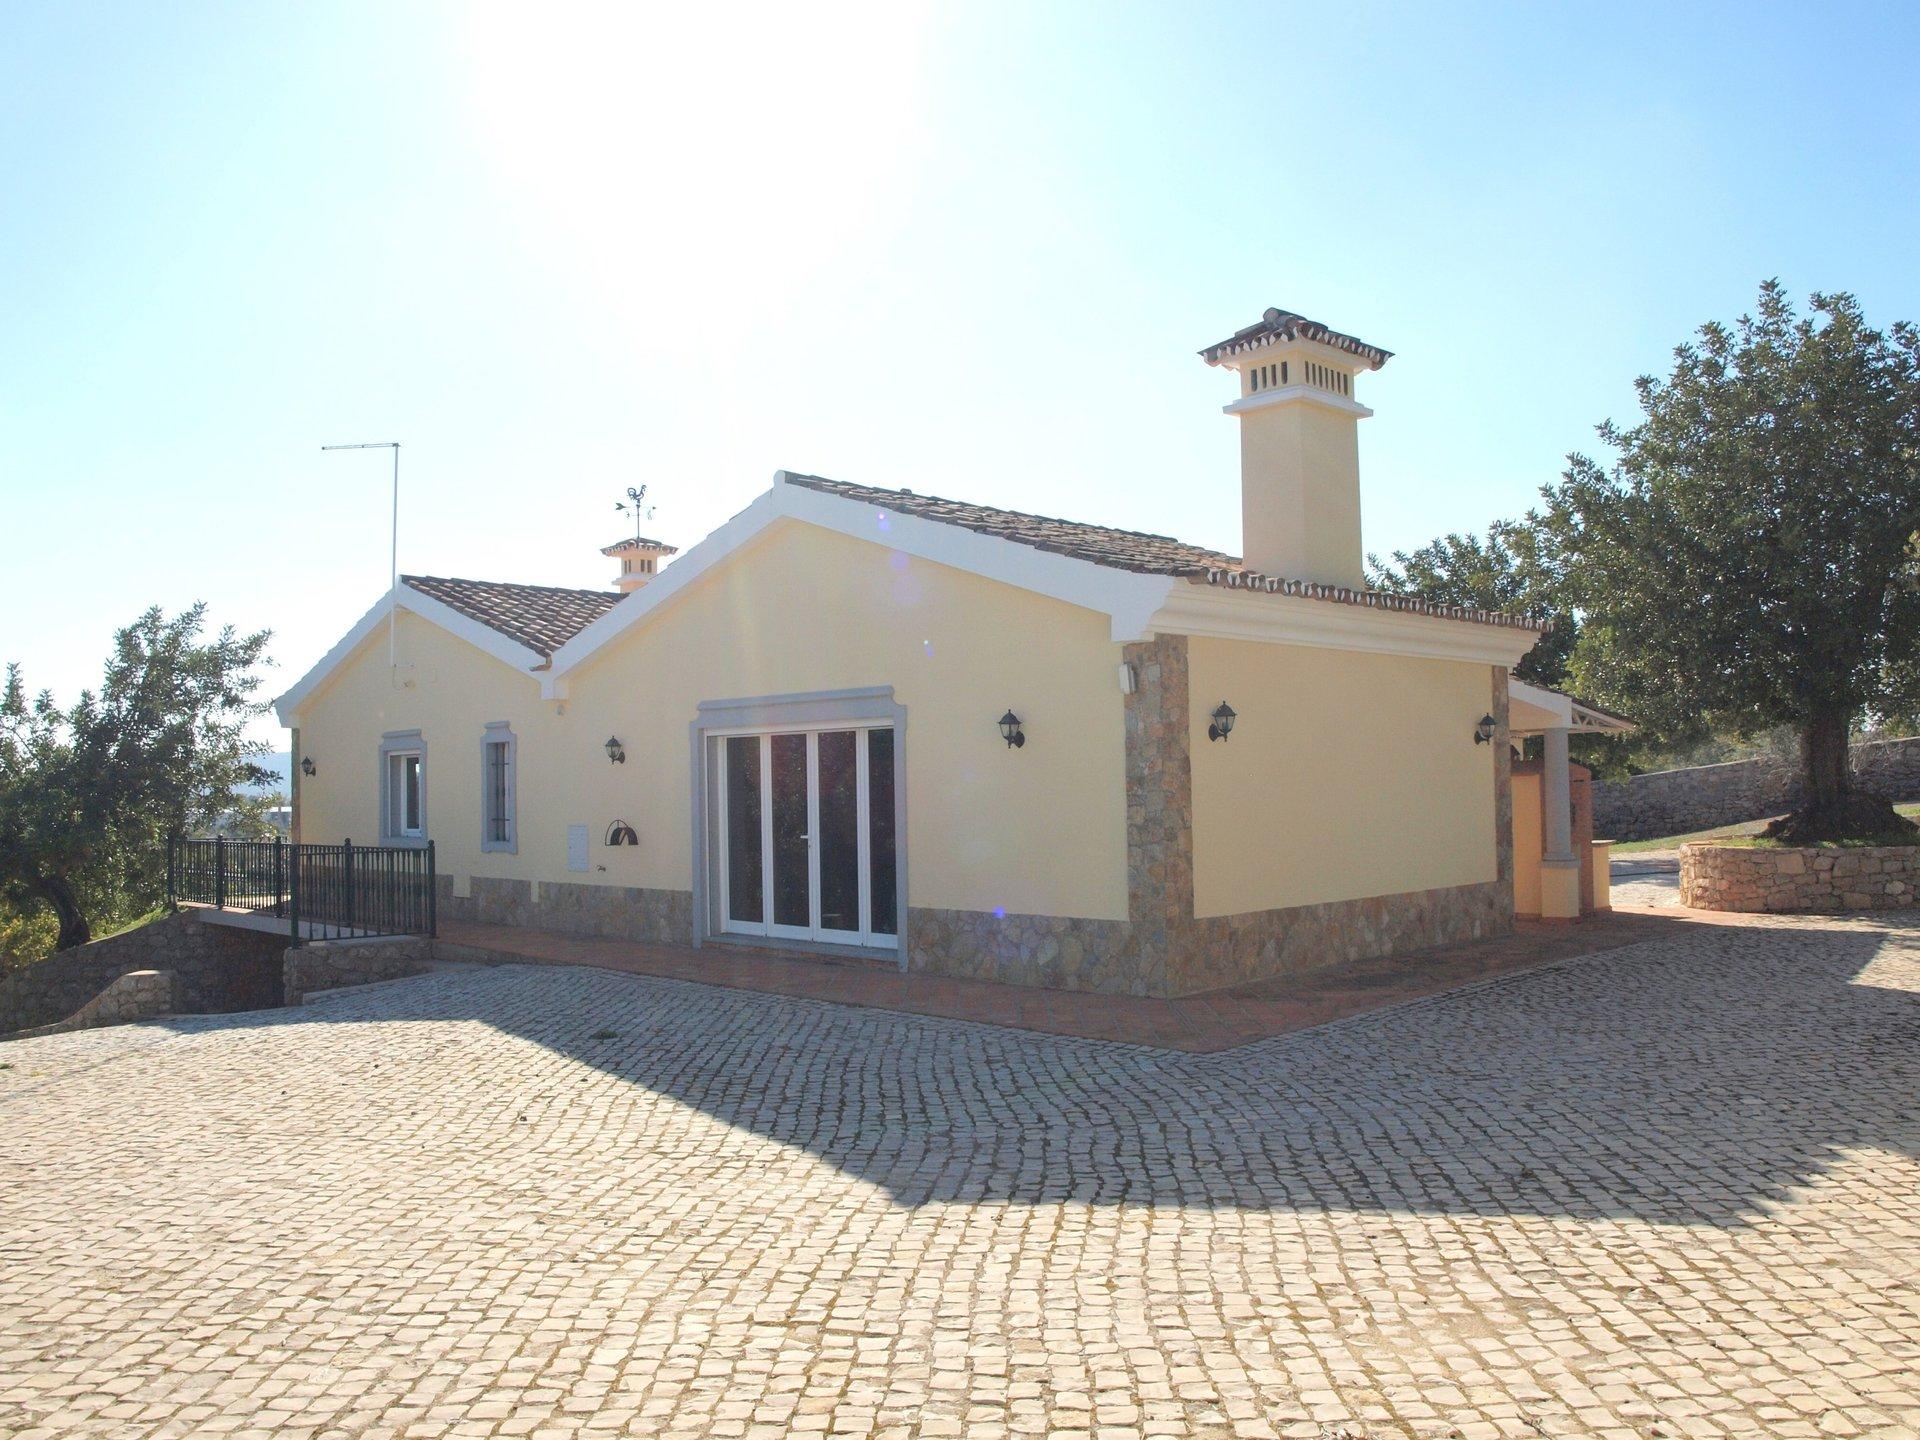 3 Bedroom Villa Sao Bras de Alportel, Central Algarve Ref: RV5353